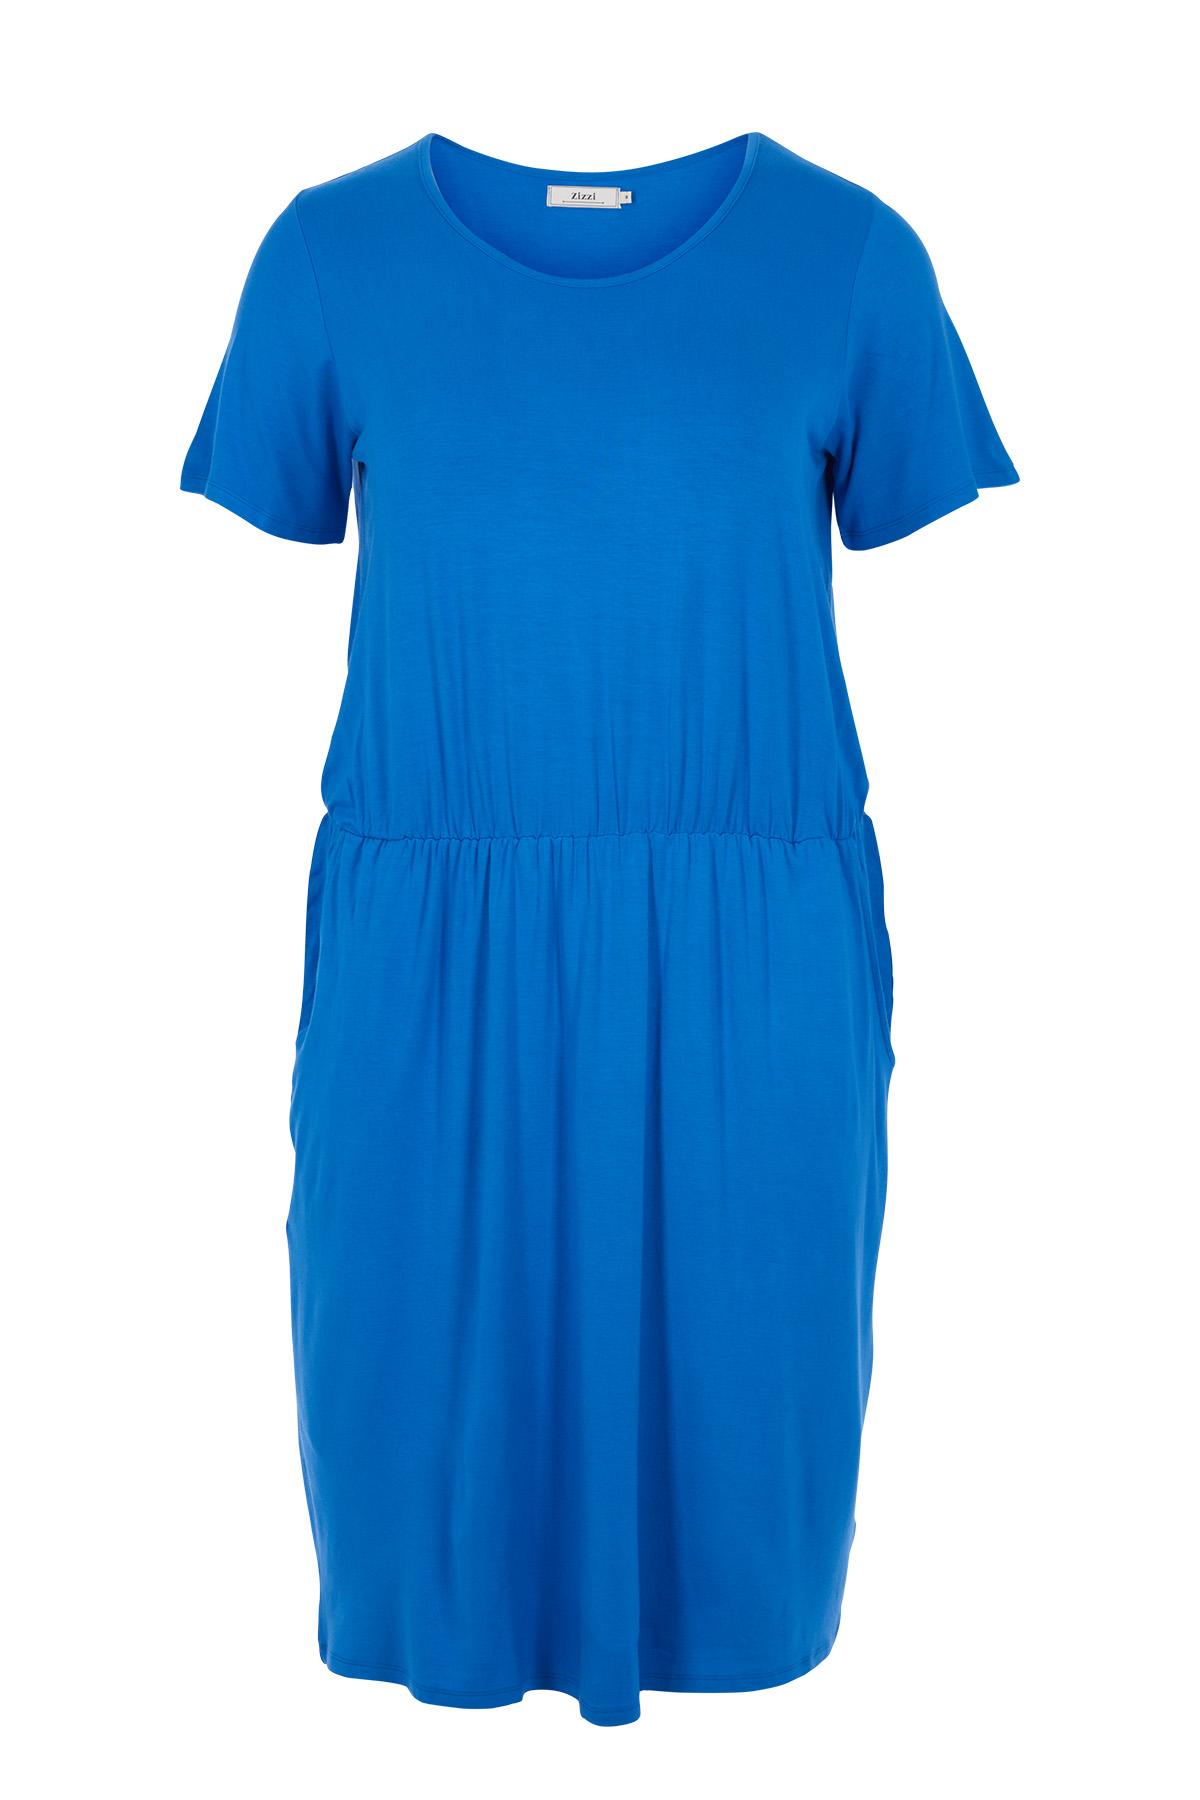 Palace blue Kleid von Zizzi – Shoppen Sie Palace blue Kleid ab Gr. 42-44-54-56 hier